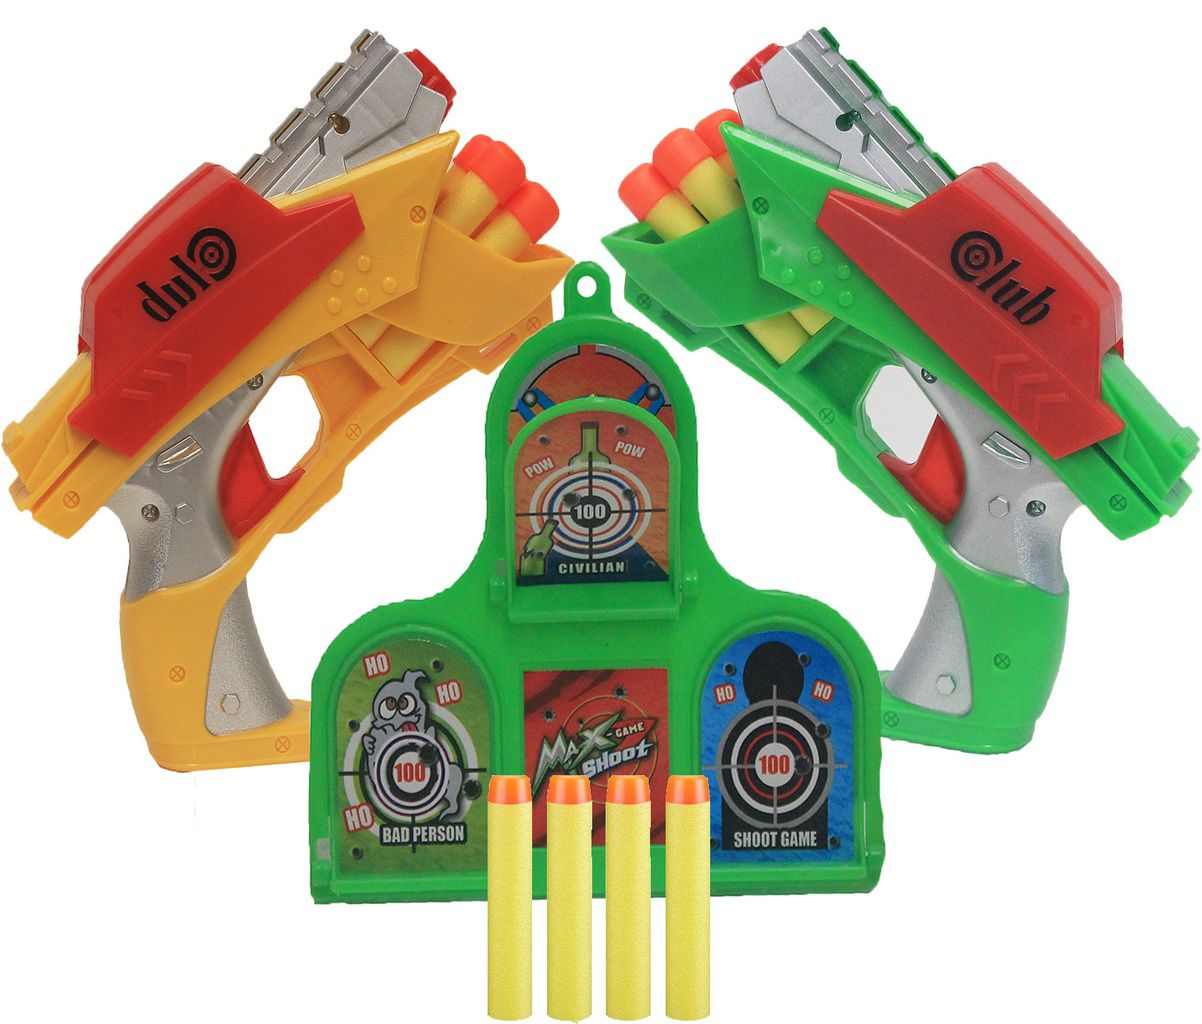 Lança Dardos Alvo Divertido Infantil Menino Amarelo Verde Club Max Game Shoot +3 Anos VB173 Original Vip Toys